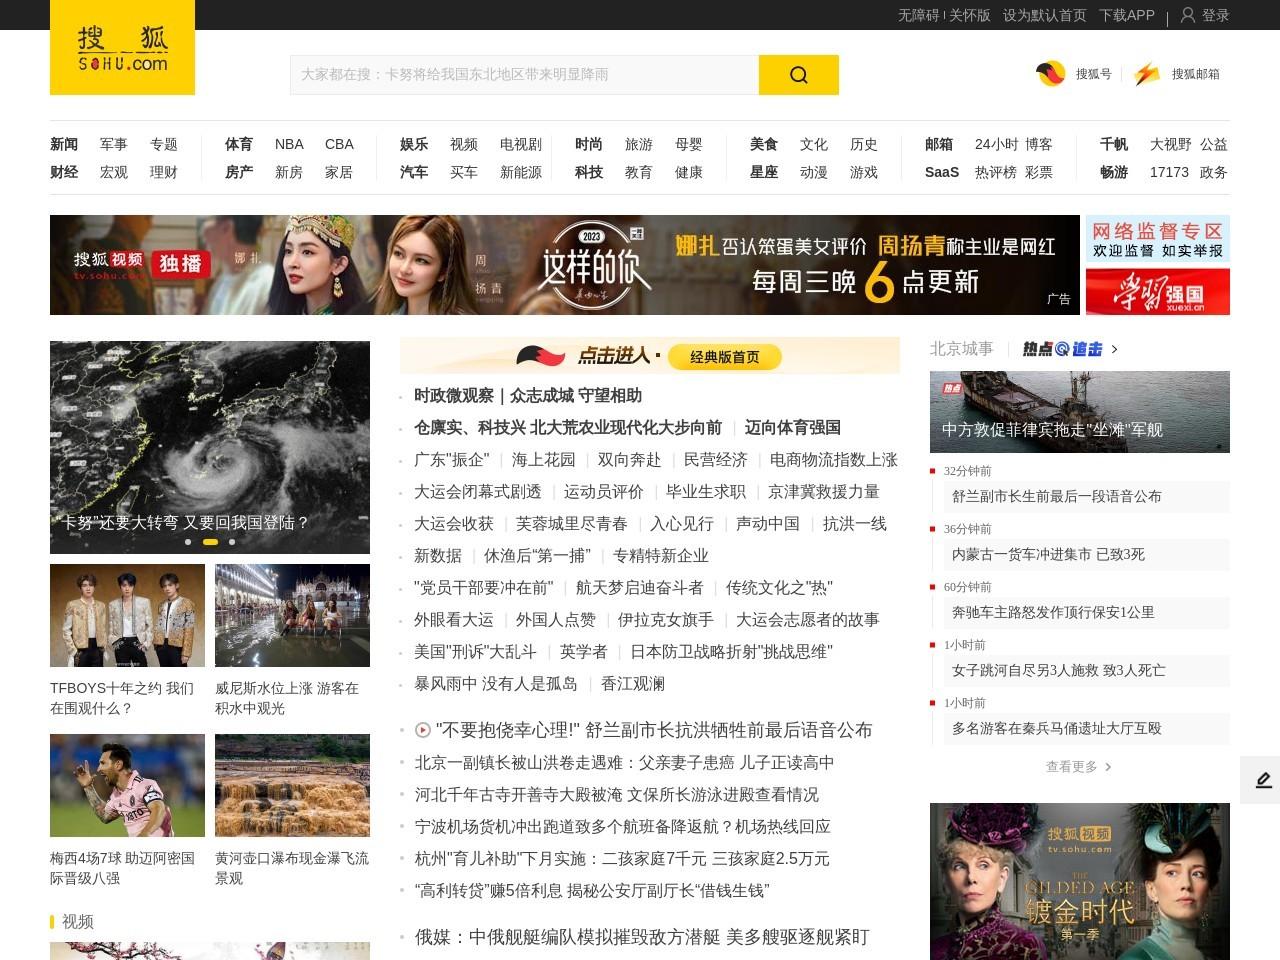 用户超600万,曾经很火爆!一淫秽直播平台被端_网络